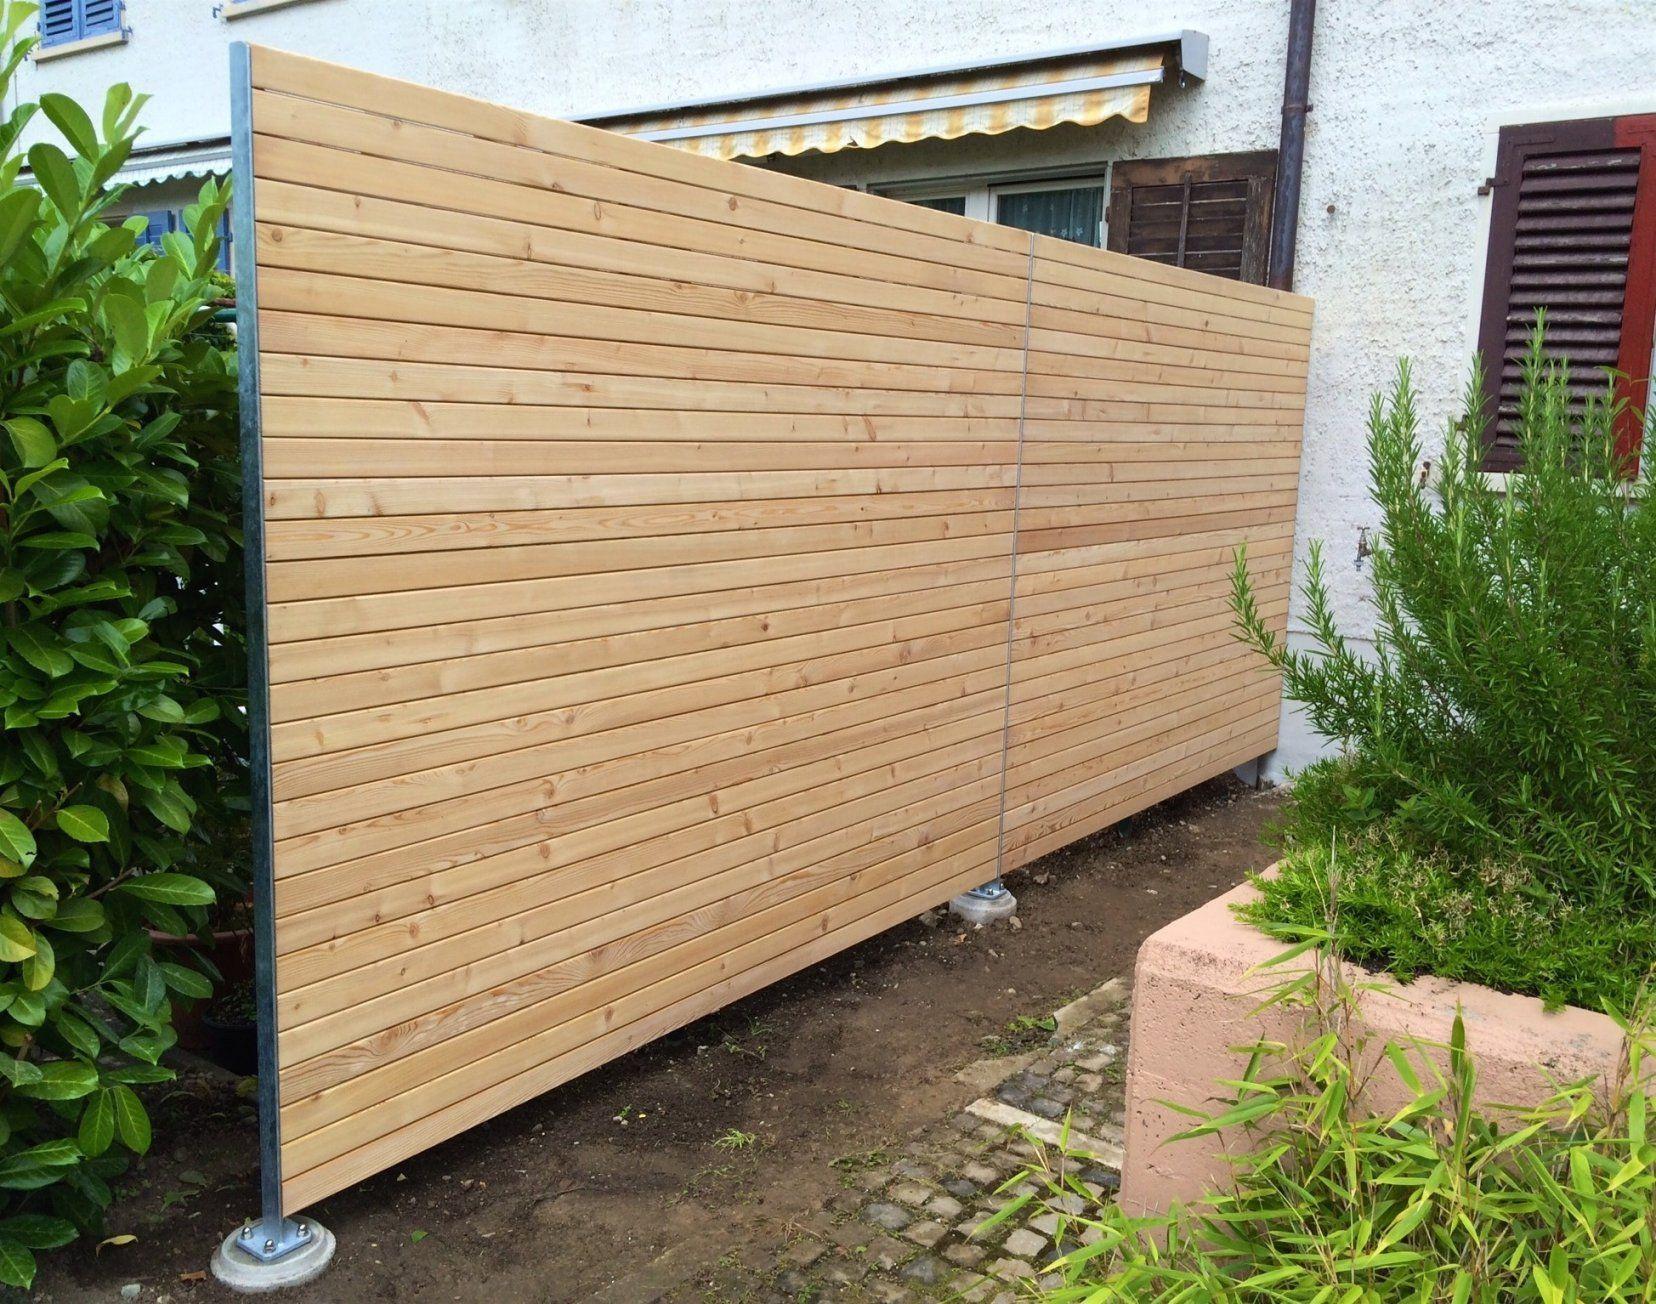 Moderne Garten Sichtschut Schone Holz Garten Sichtschutz Ideen Von